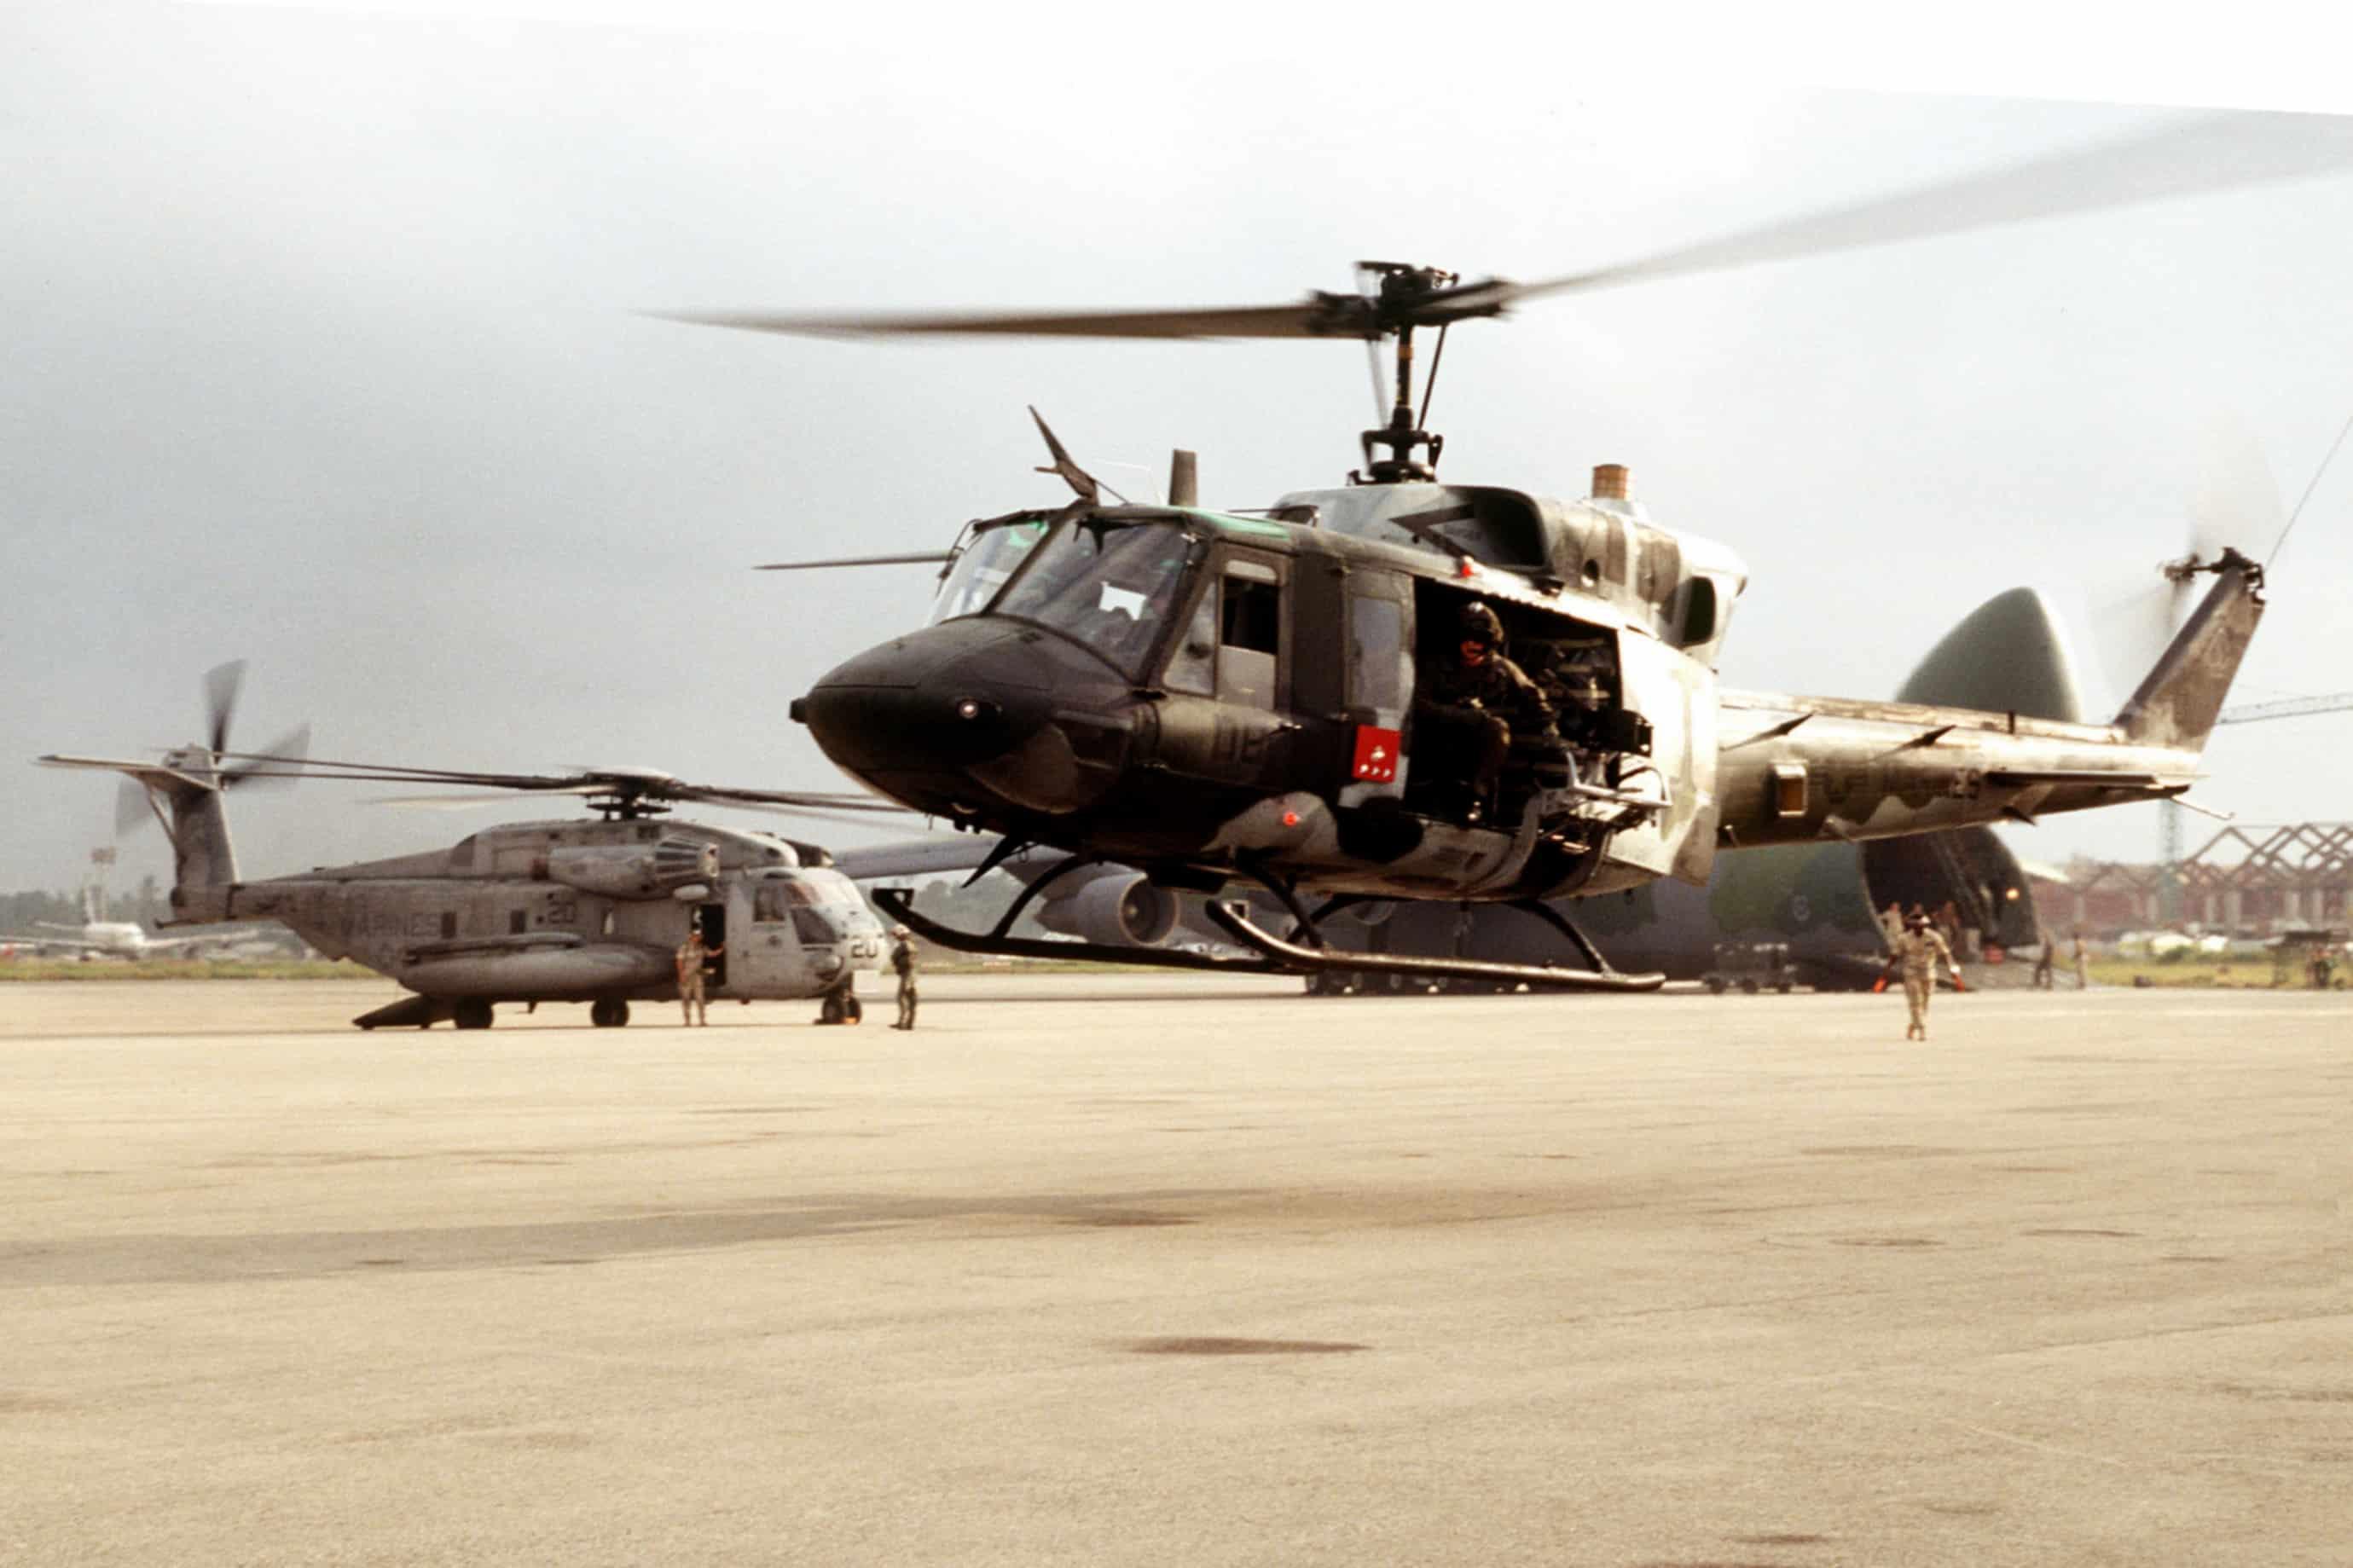 UH-1N_US_Marines_in_Mombasa_1995